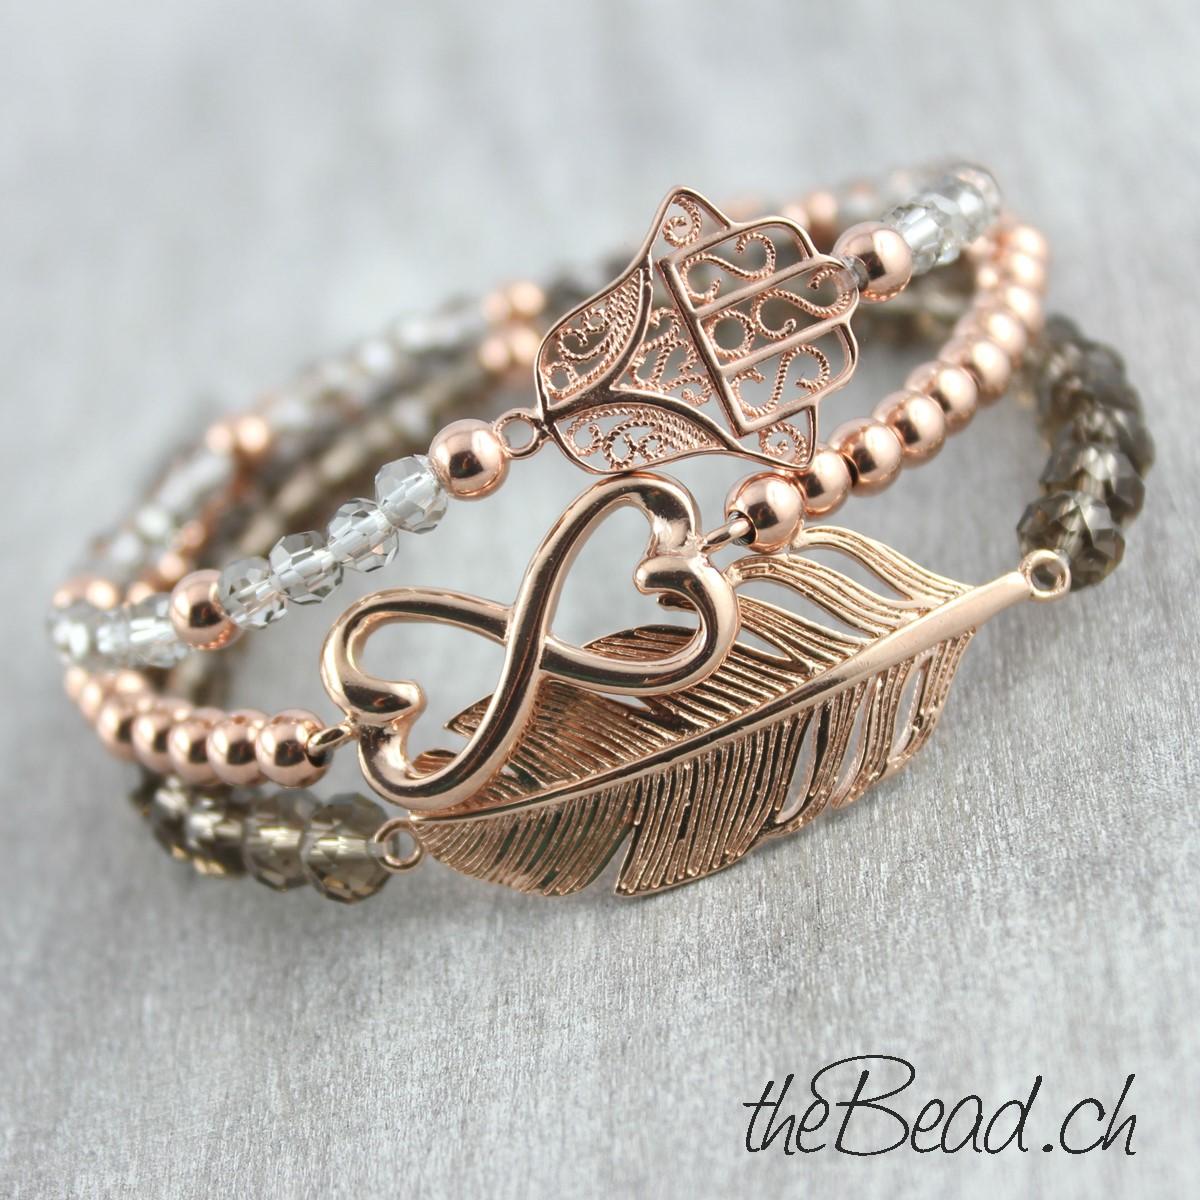 Schweizer Schmuck Onlineshop theBead für Damenarmbänder in rosegold vergoldeten Armbändern